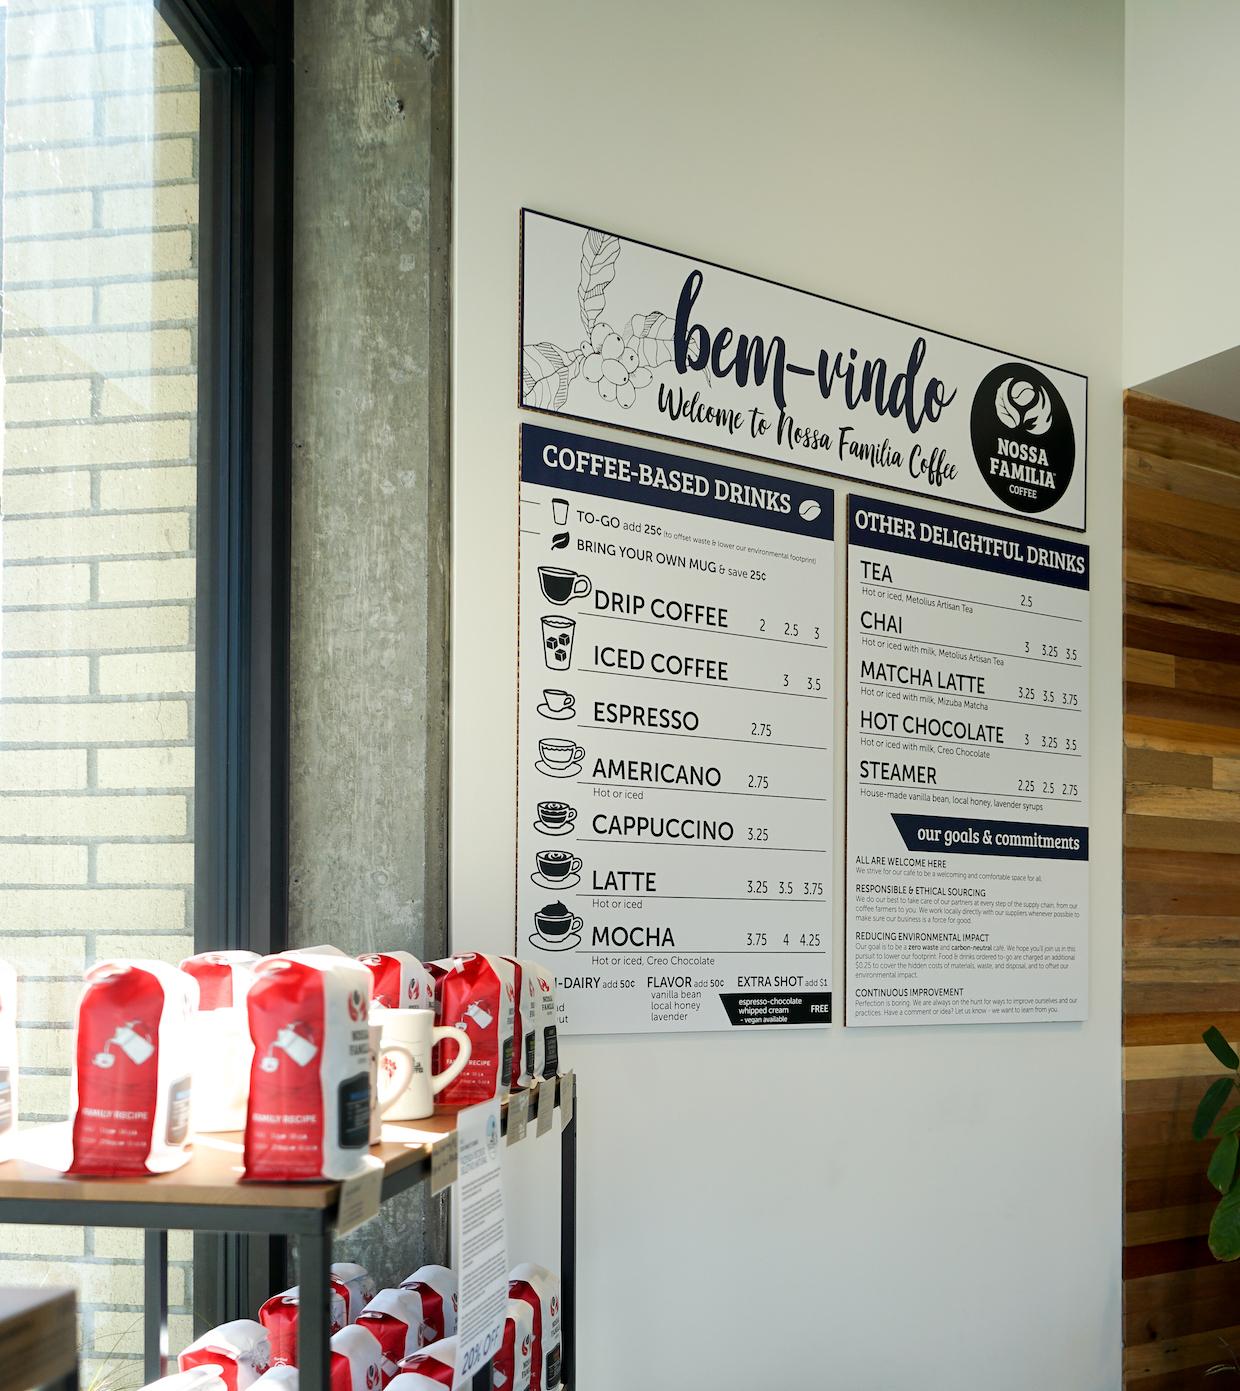 Nossa Familia coffee portland or menu